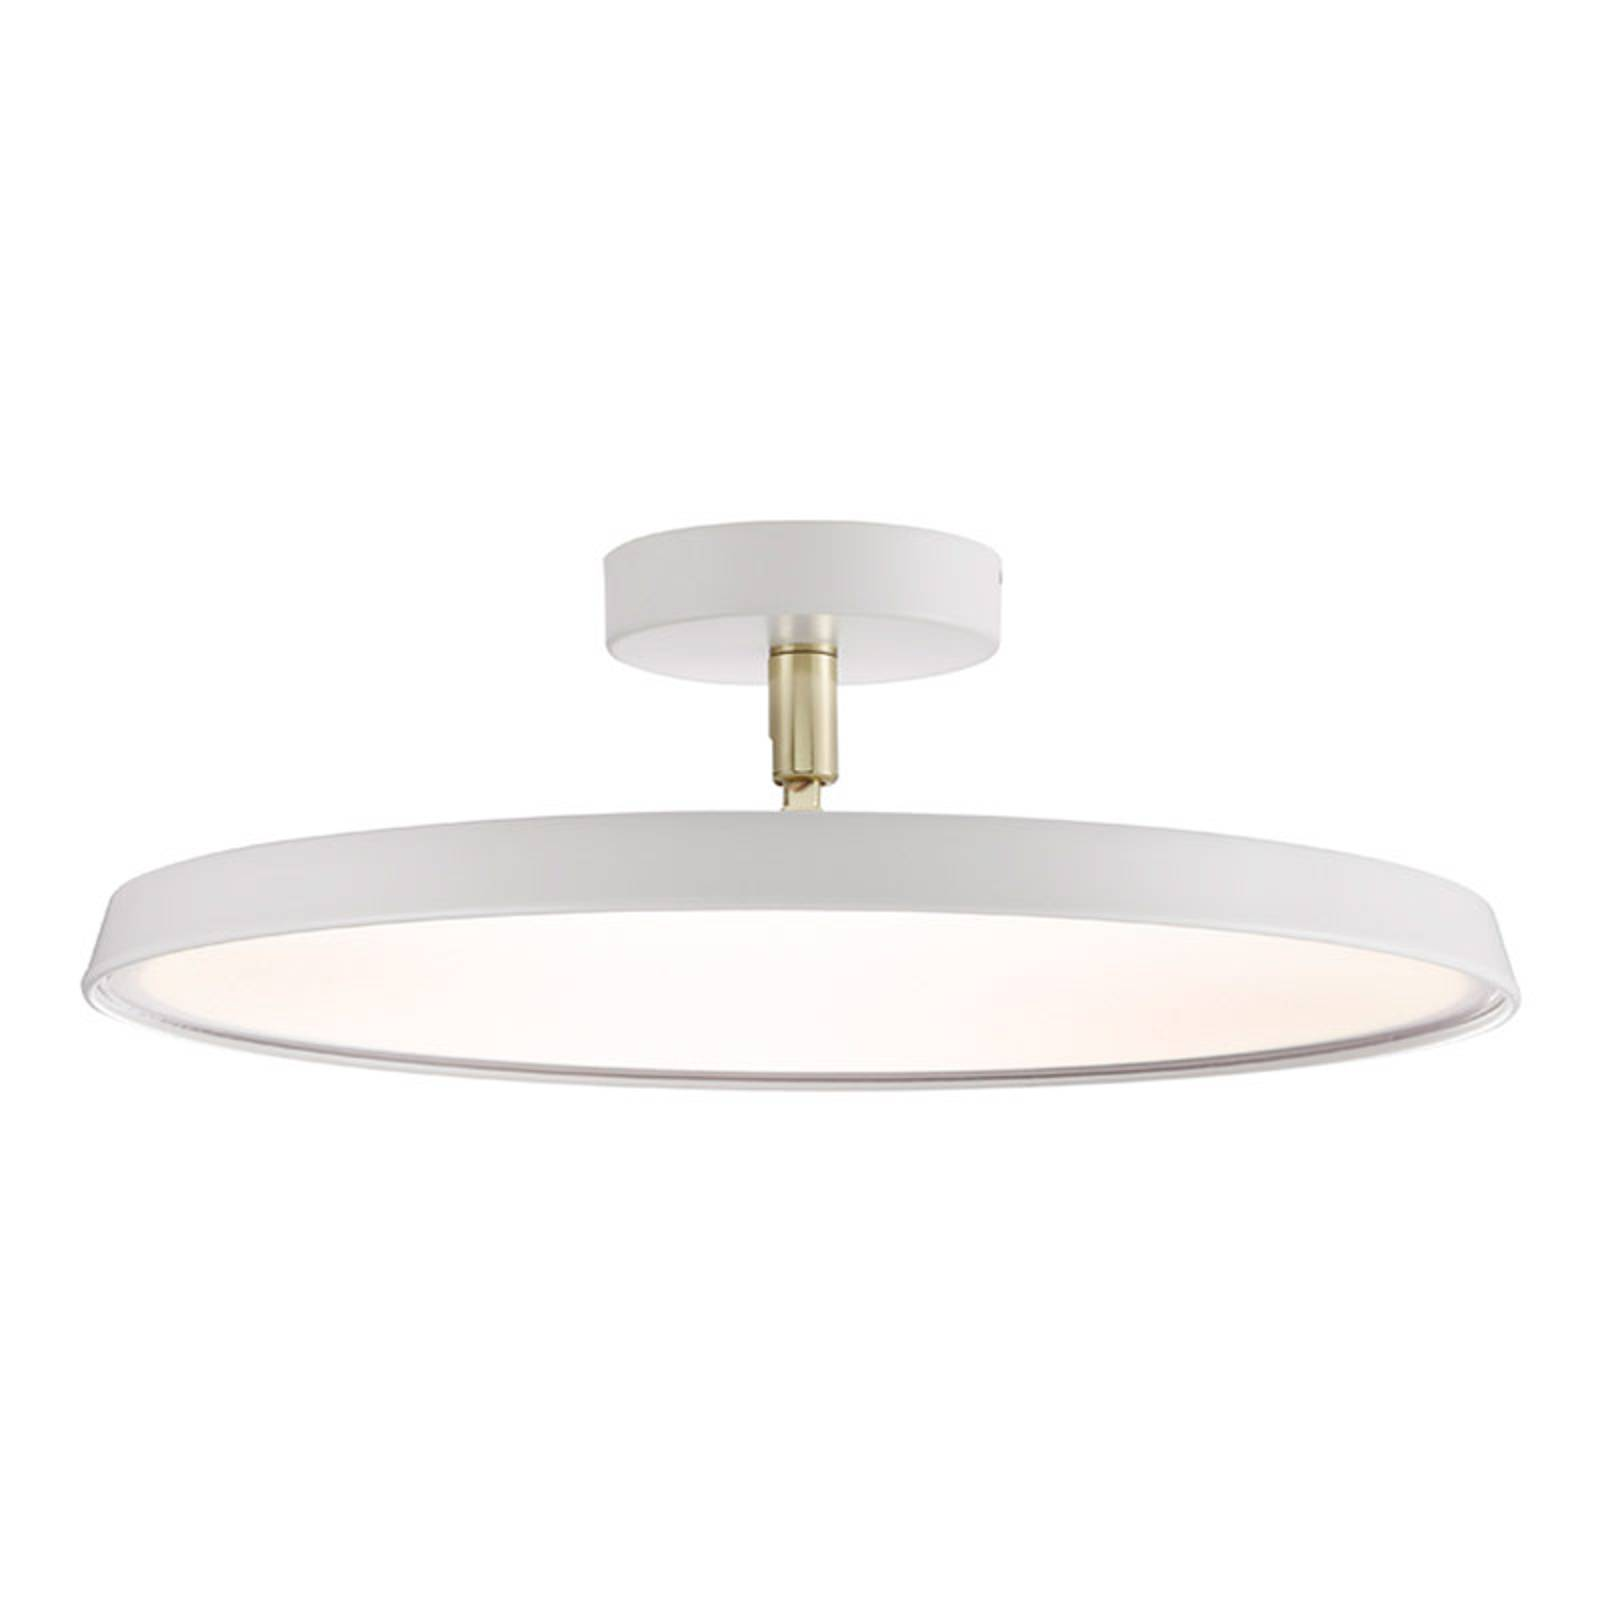 Nordlux Avståndstaklampa Alba Pro 40 LED-lampa